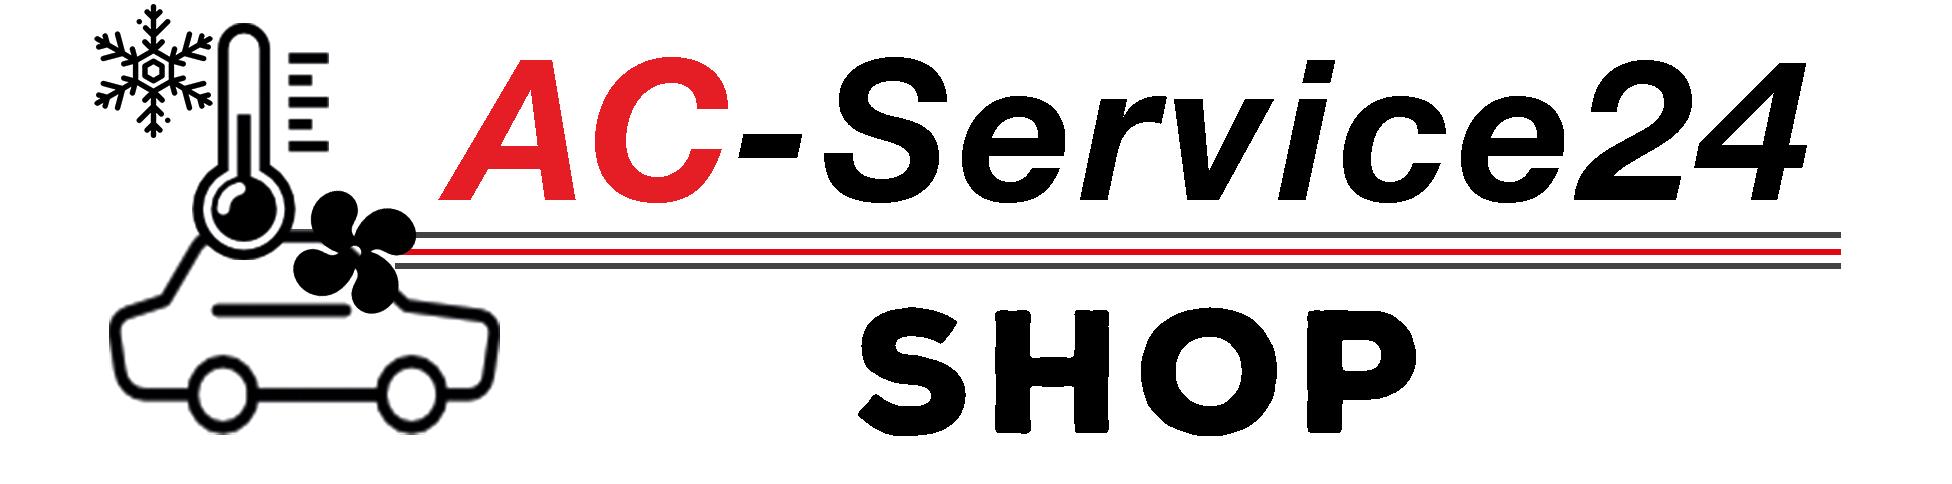 AC-Service24 SHOP